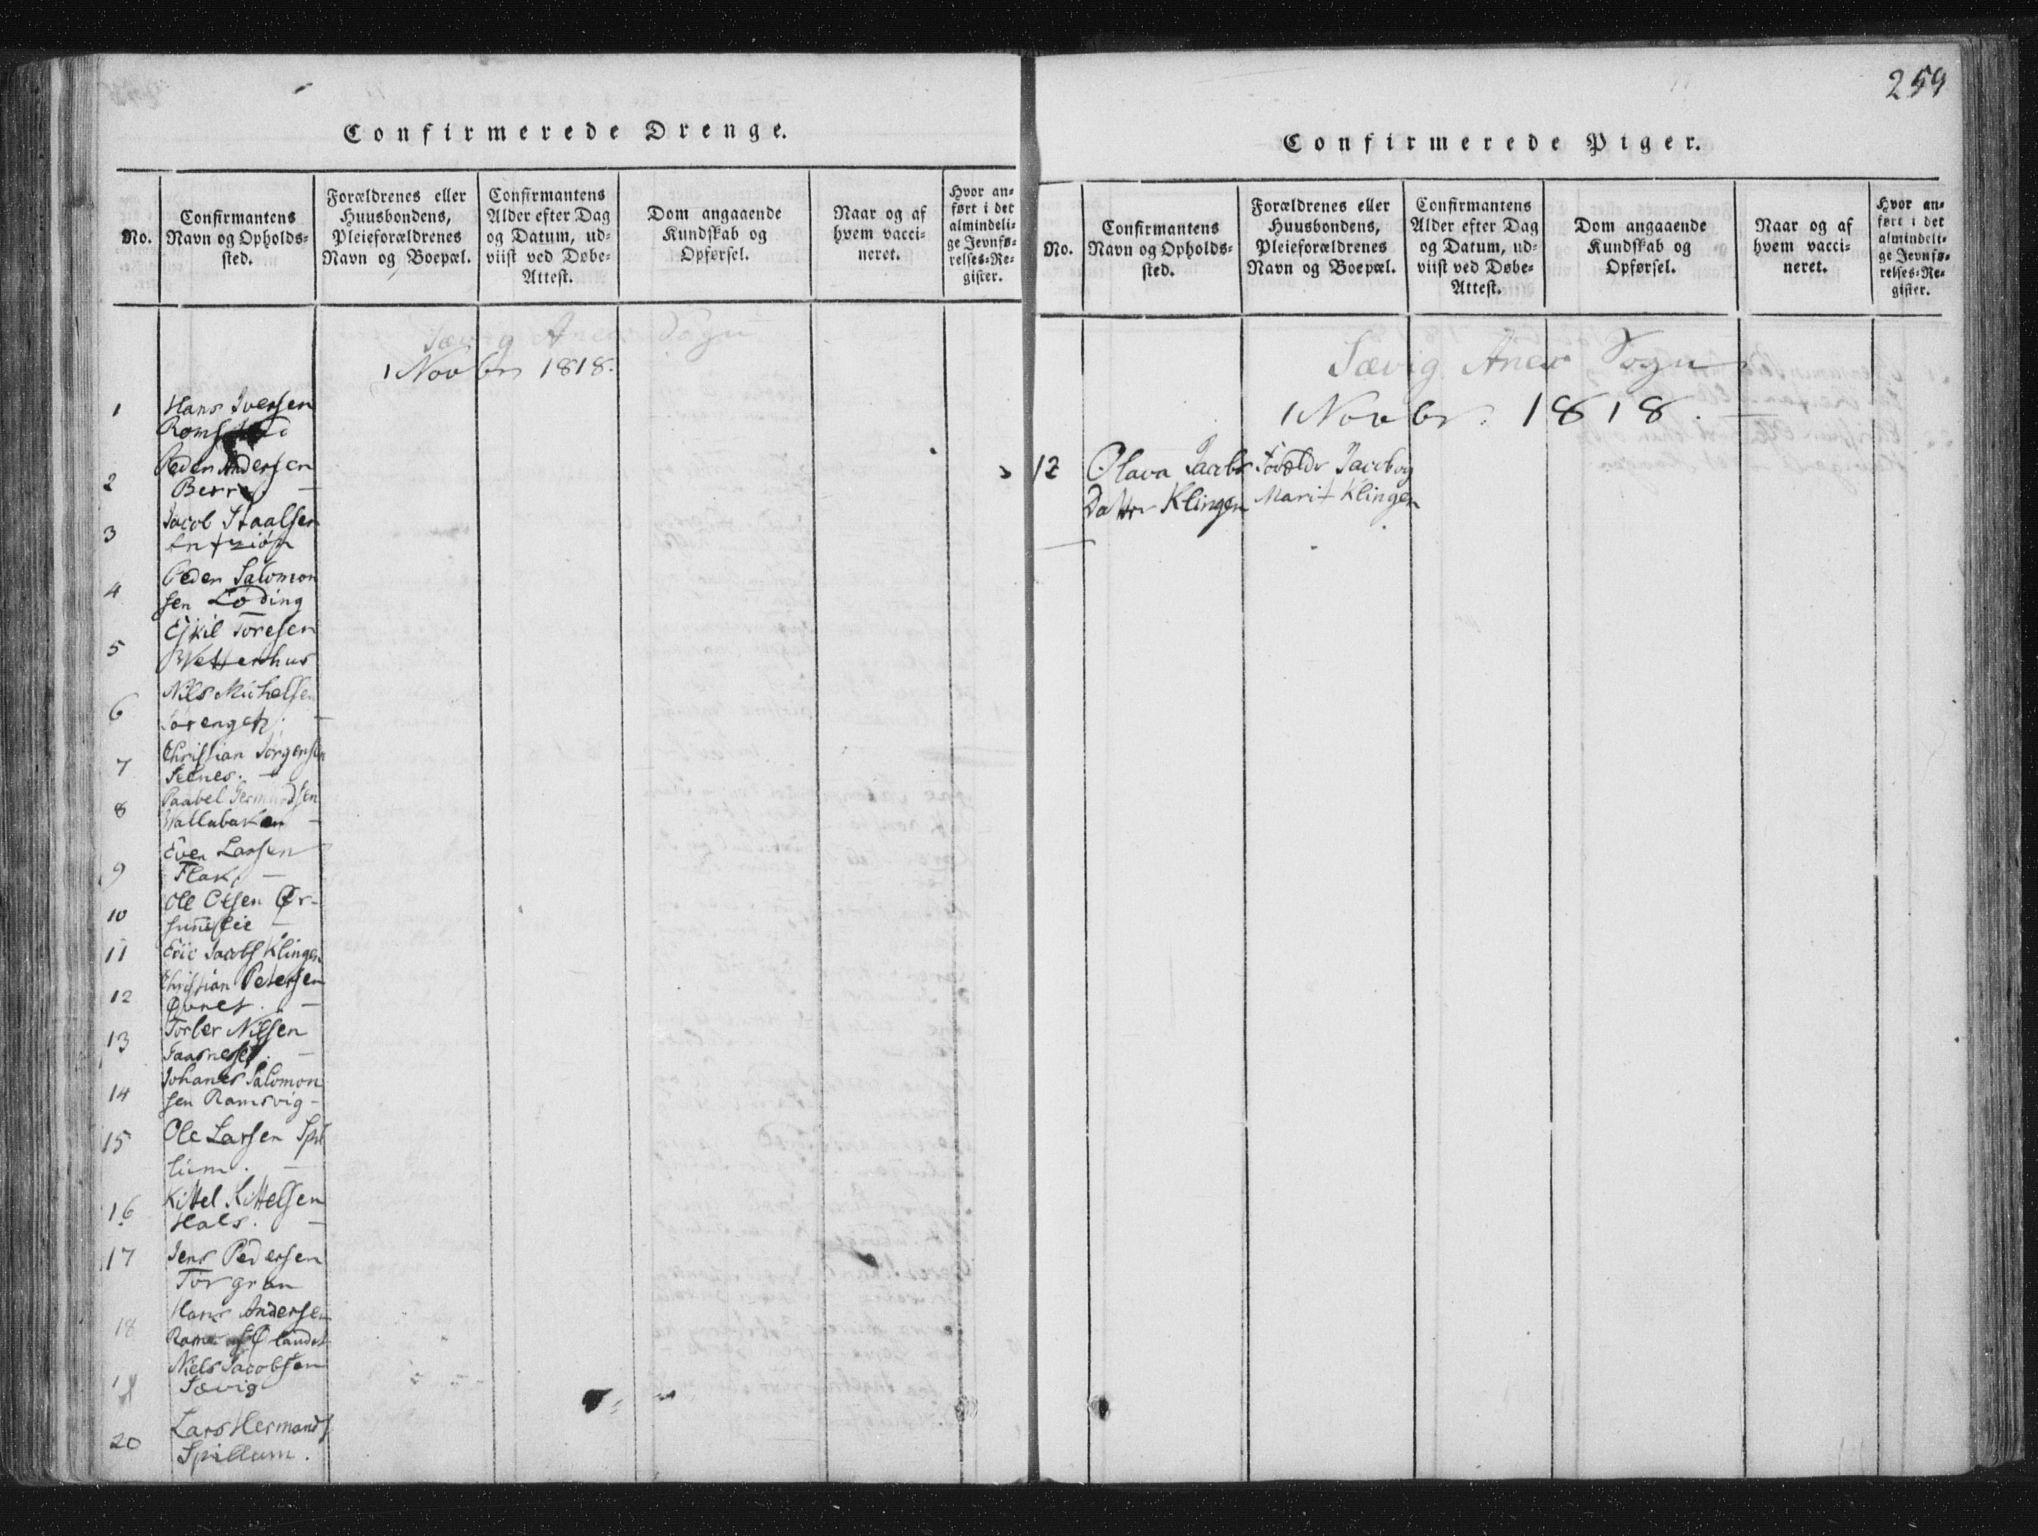 SAT, Ministerialprotokoller, klokkerbøker og fødselsregistre - Nord-Trøndelag, 773/L0609: Ministerialbok nr. 773A03 /4, 1815-1818, s. 259